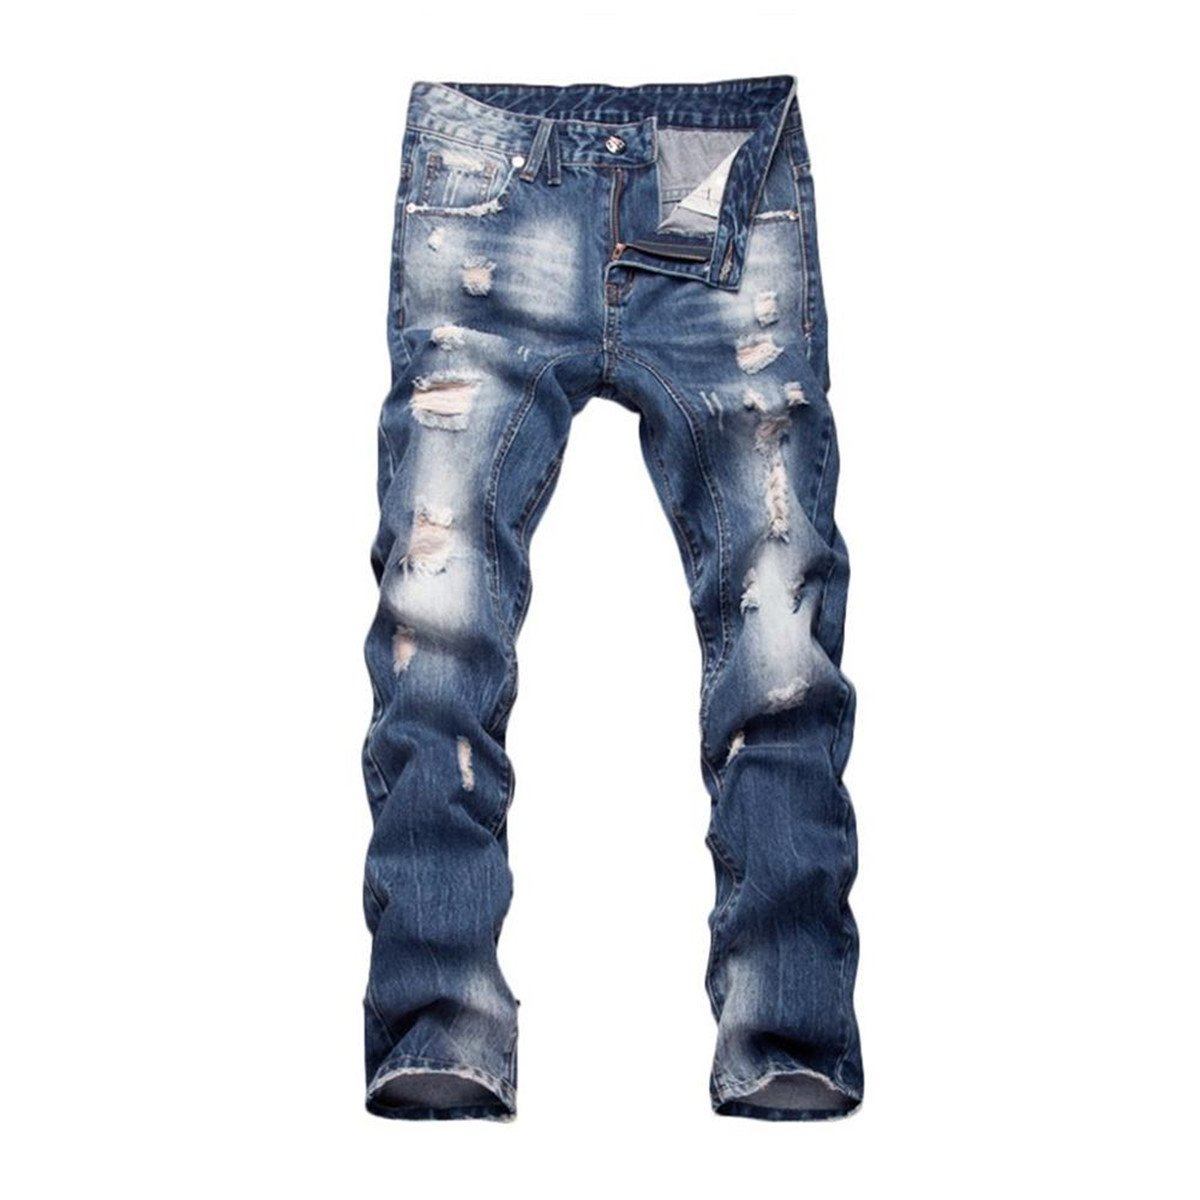 Blue Buttons Jeans Men Denim Ripped Pants Plus Size Cotton Hip Hop Mens Brand Trousers